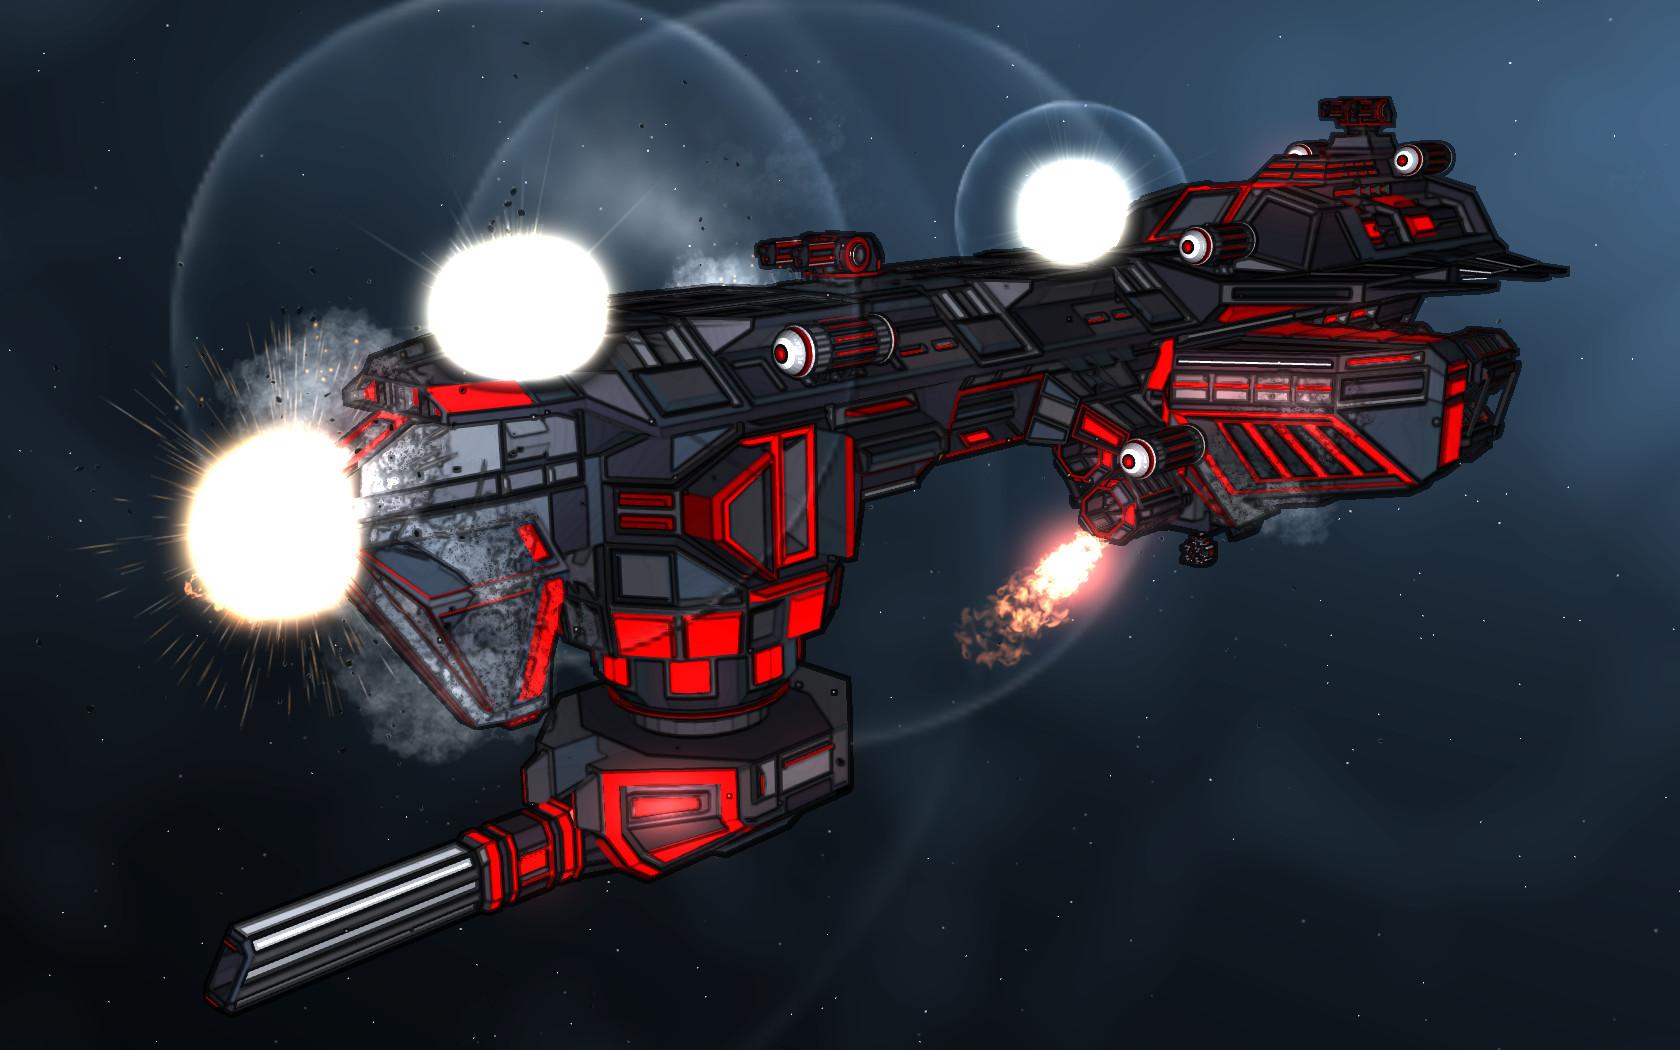 Void Destroyer 2 screenshot